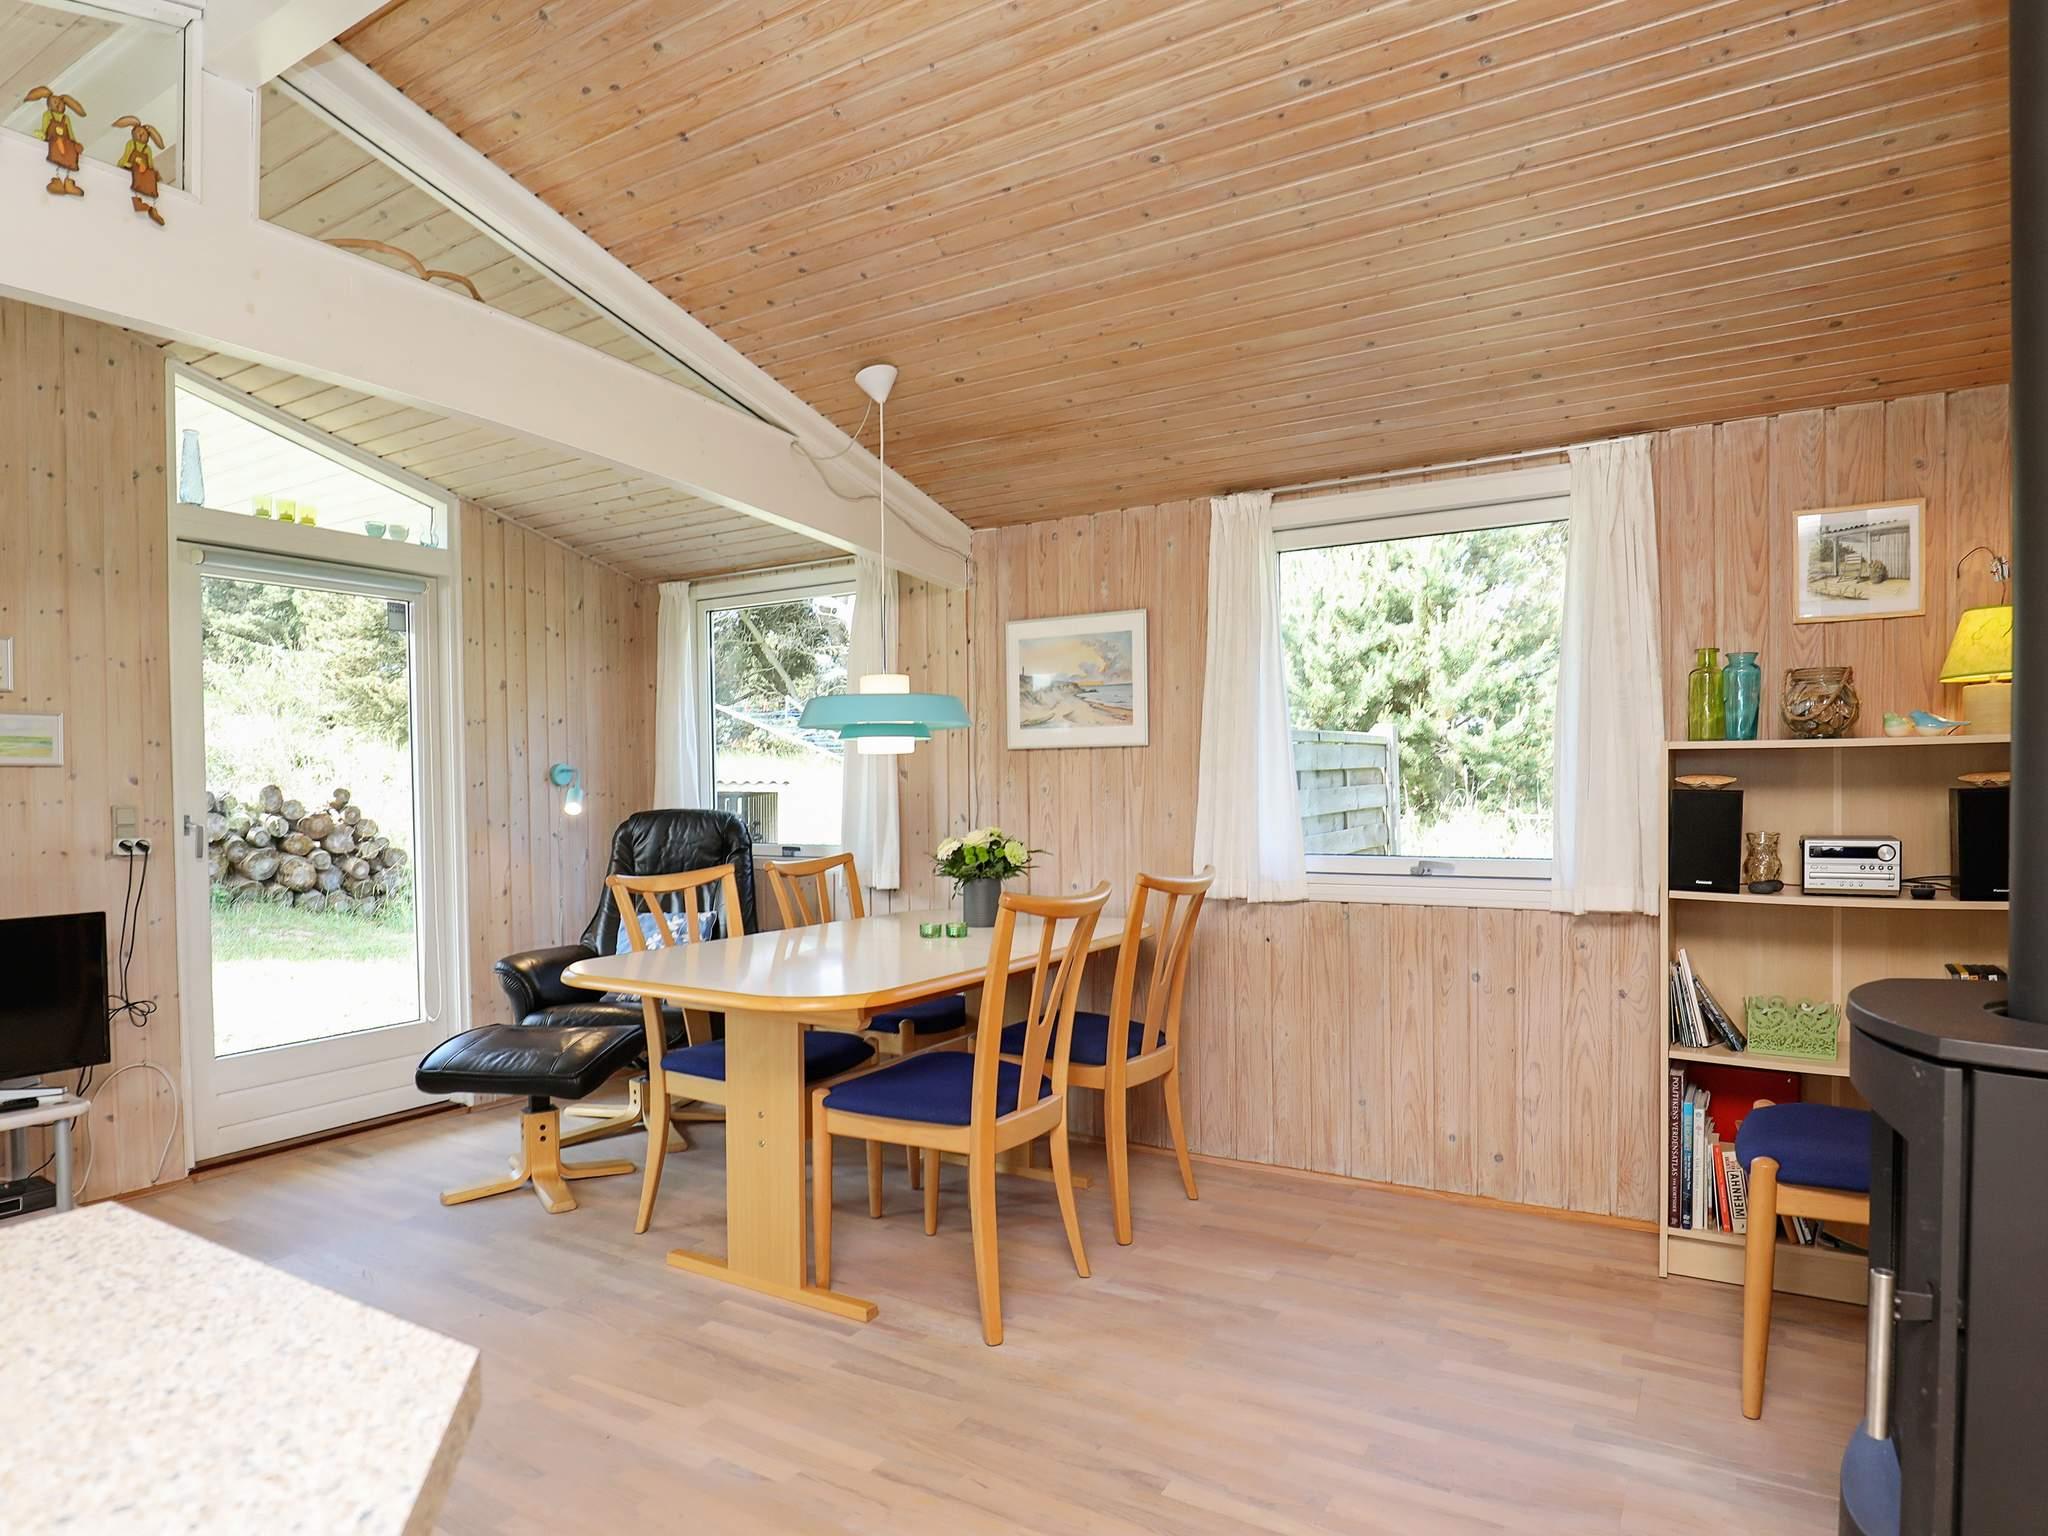 Ferienhaus Kjul Strand (2523809), Hirtshals, , Nordwestjütland, Dänemark, Bild 6